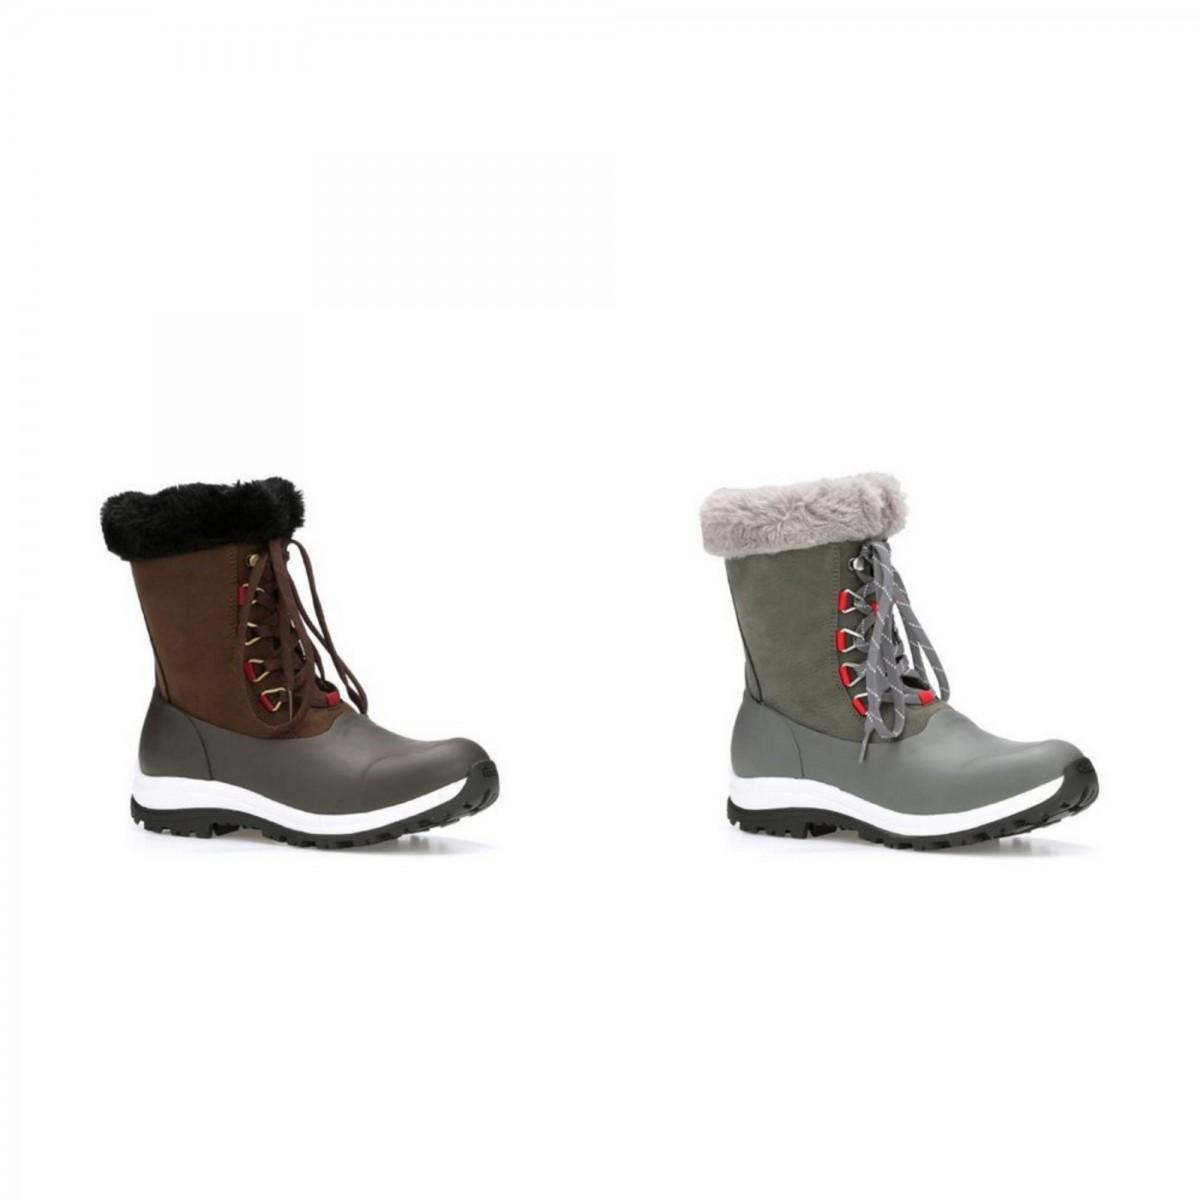 (マックブーツ) Muck Boots レディース Arctic Apres レースアップ ミドル ブーツ 婦人靴 カジュアル アウトドア シューズ 女性用 【海外直送】